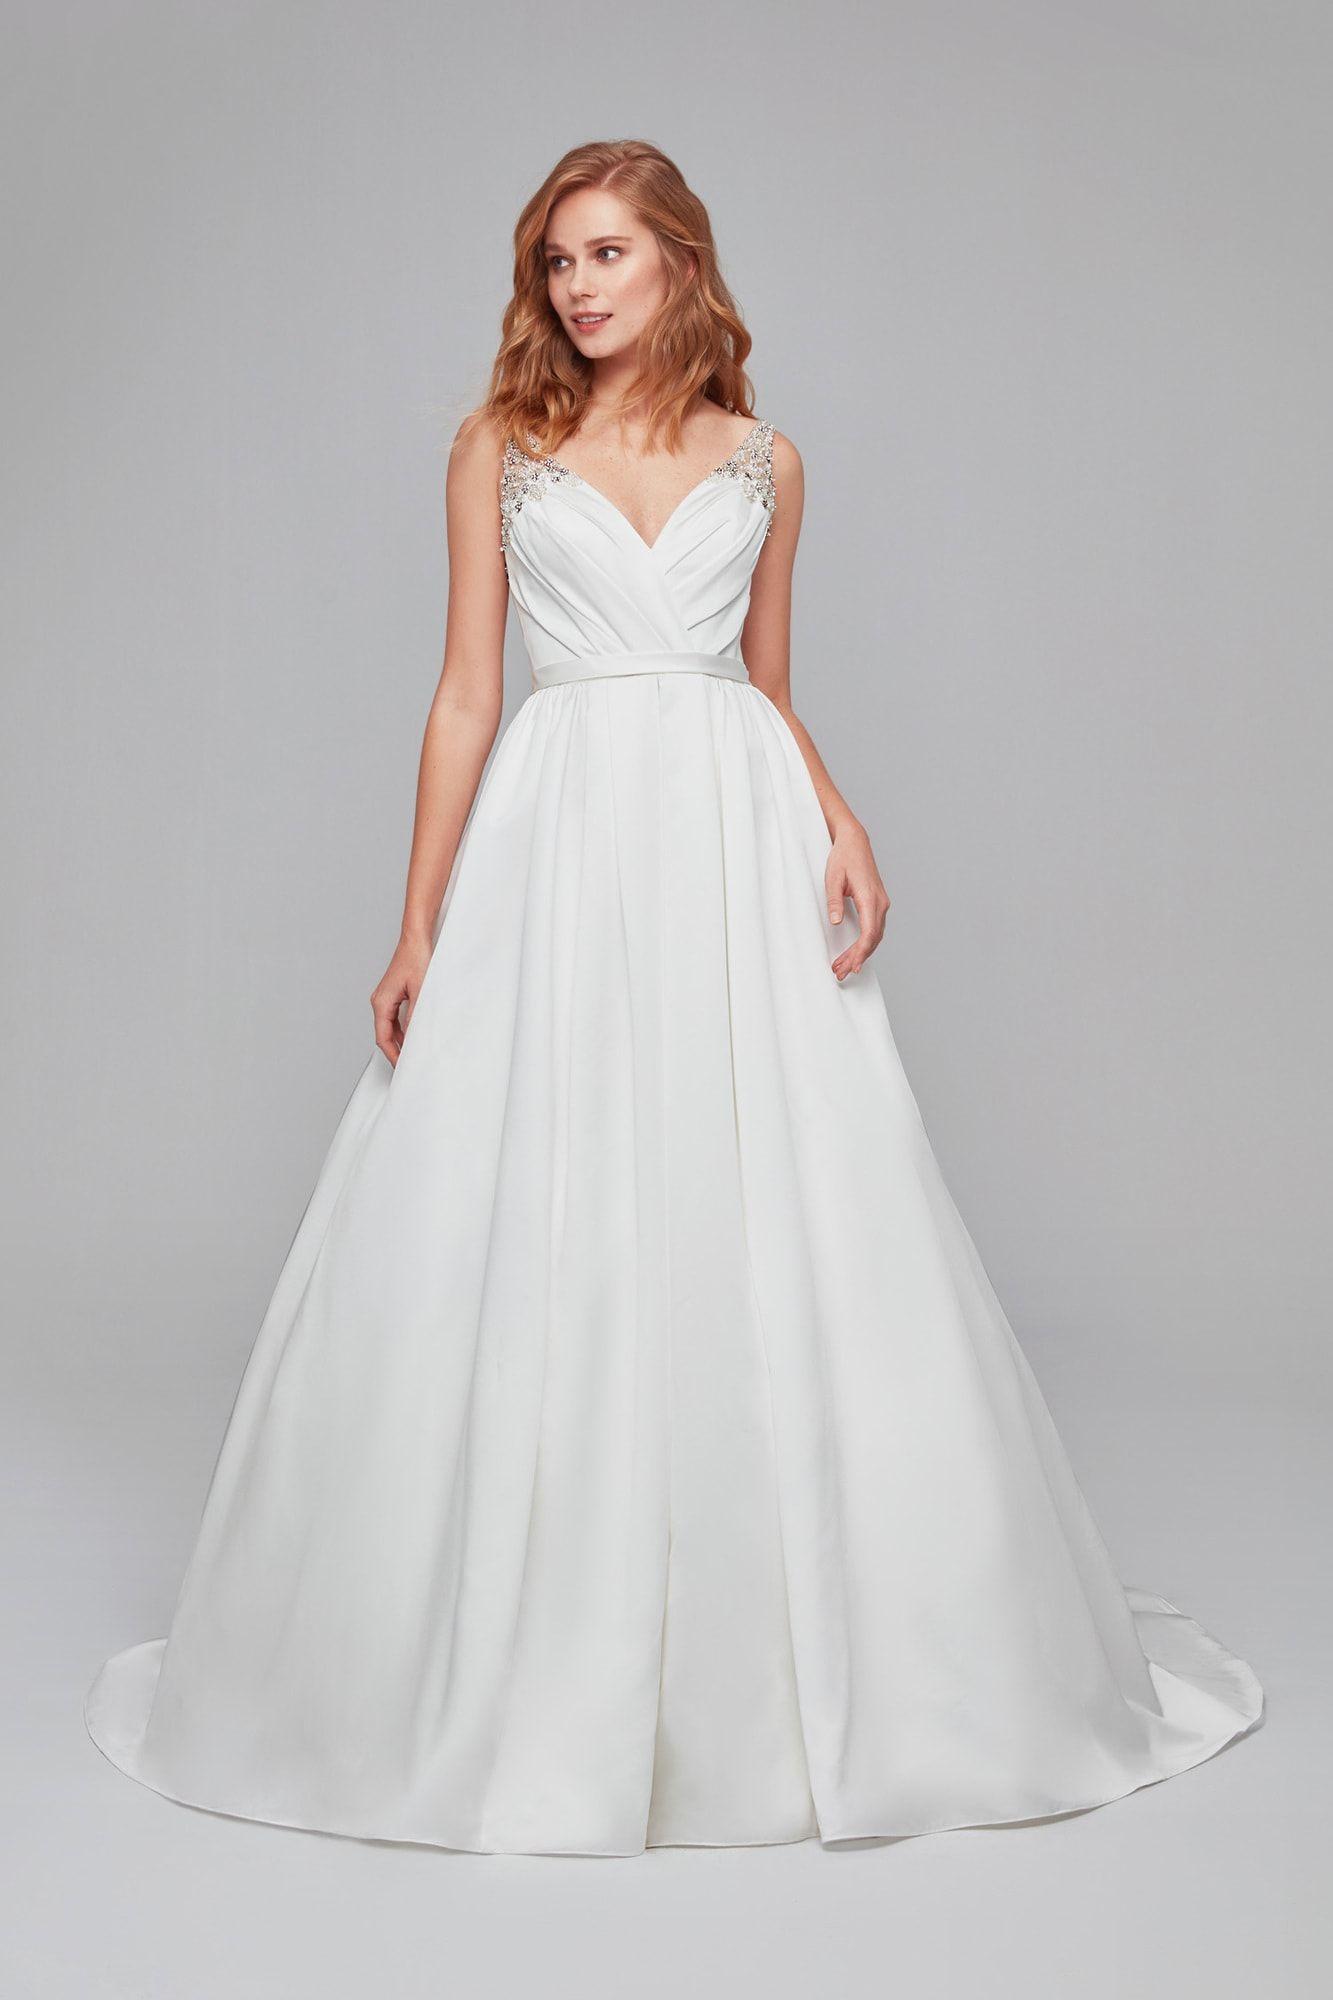 BR01814 Bride&co Bridal Collection Bride&co in 2020